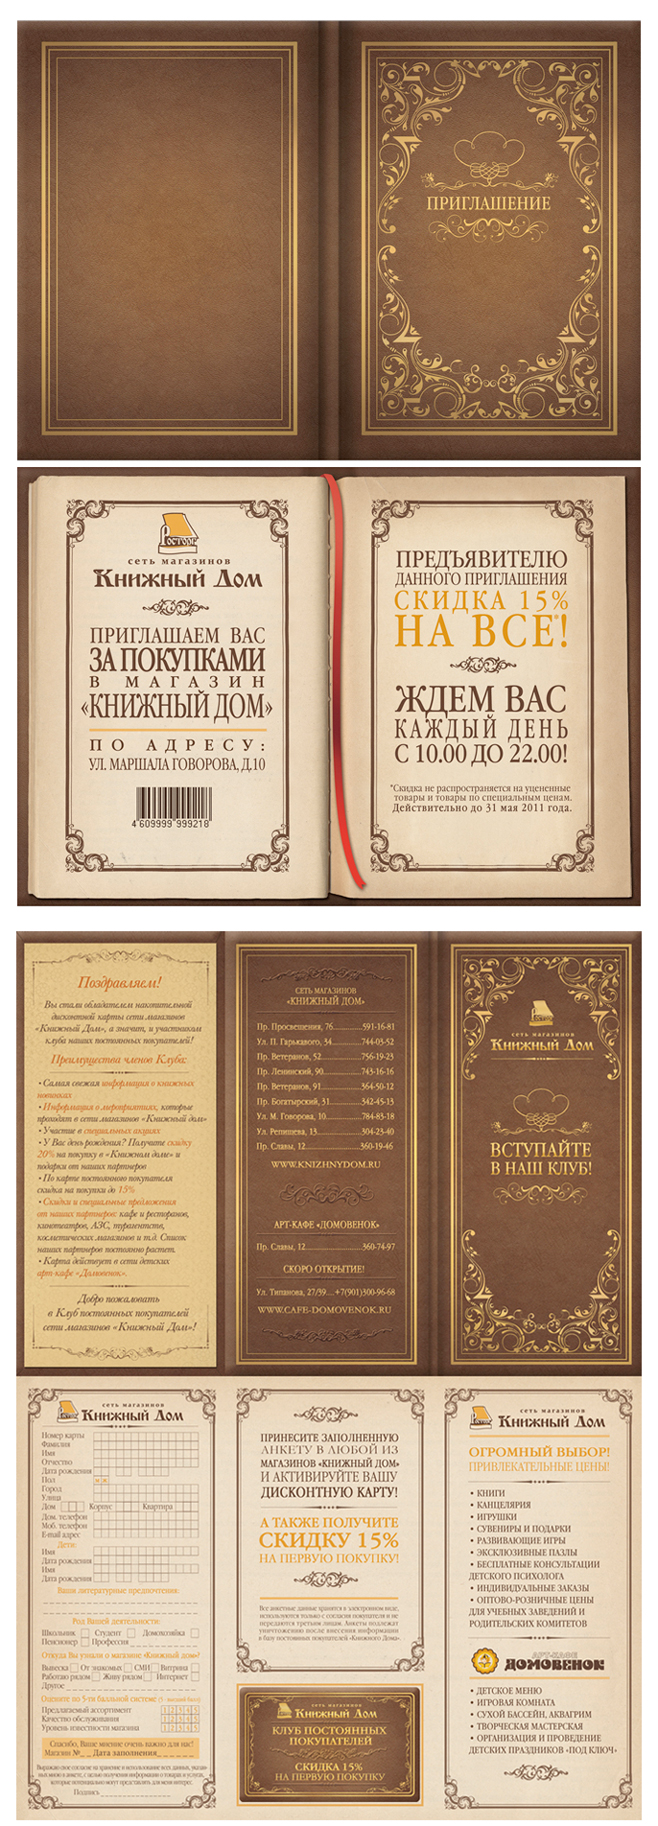 Приглашение-открытка в виде книжки и буклет